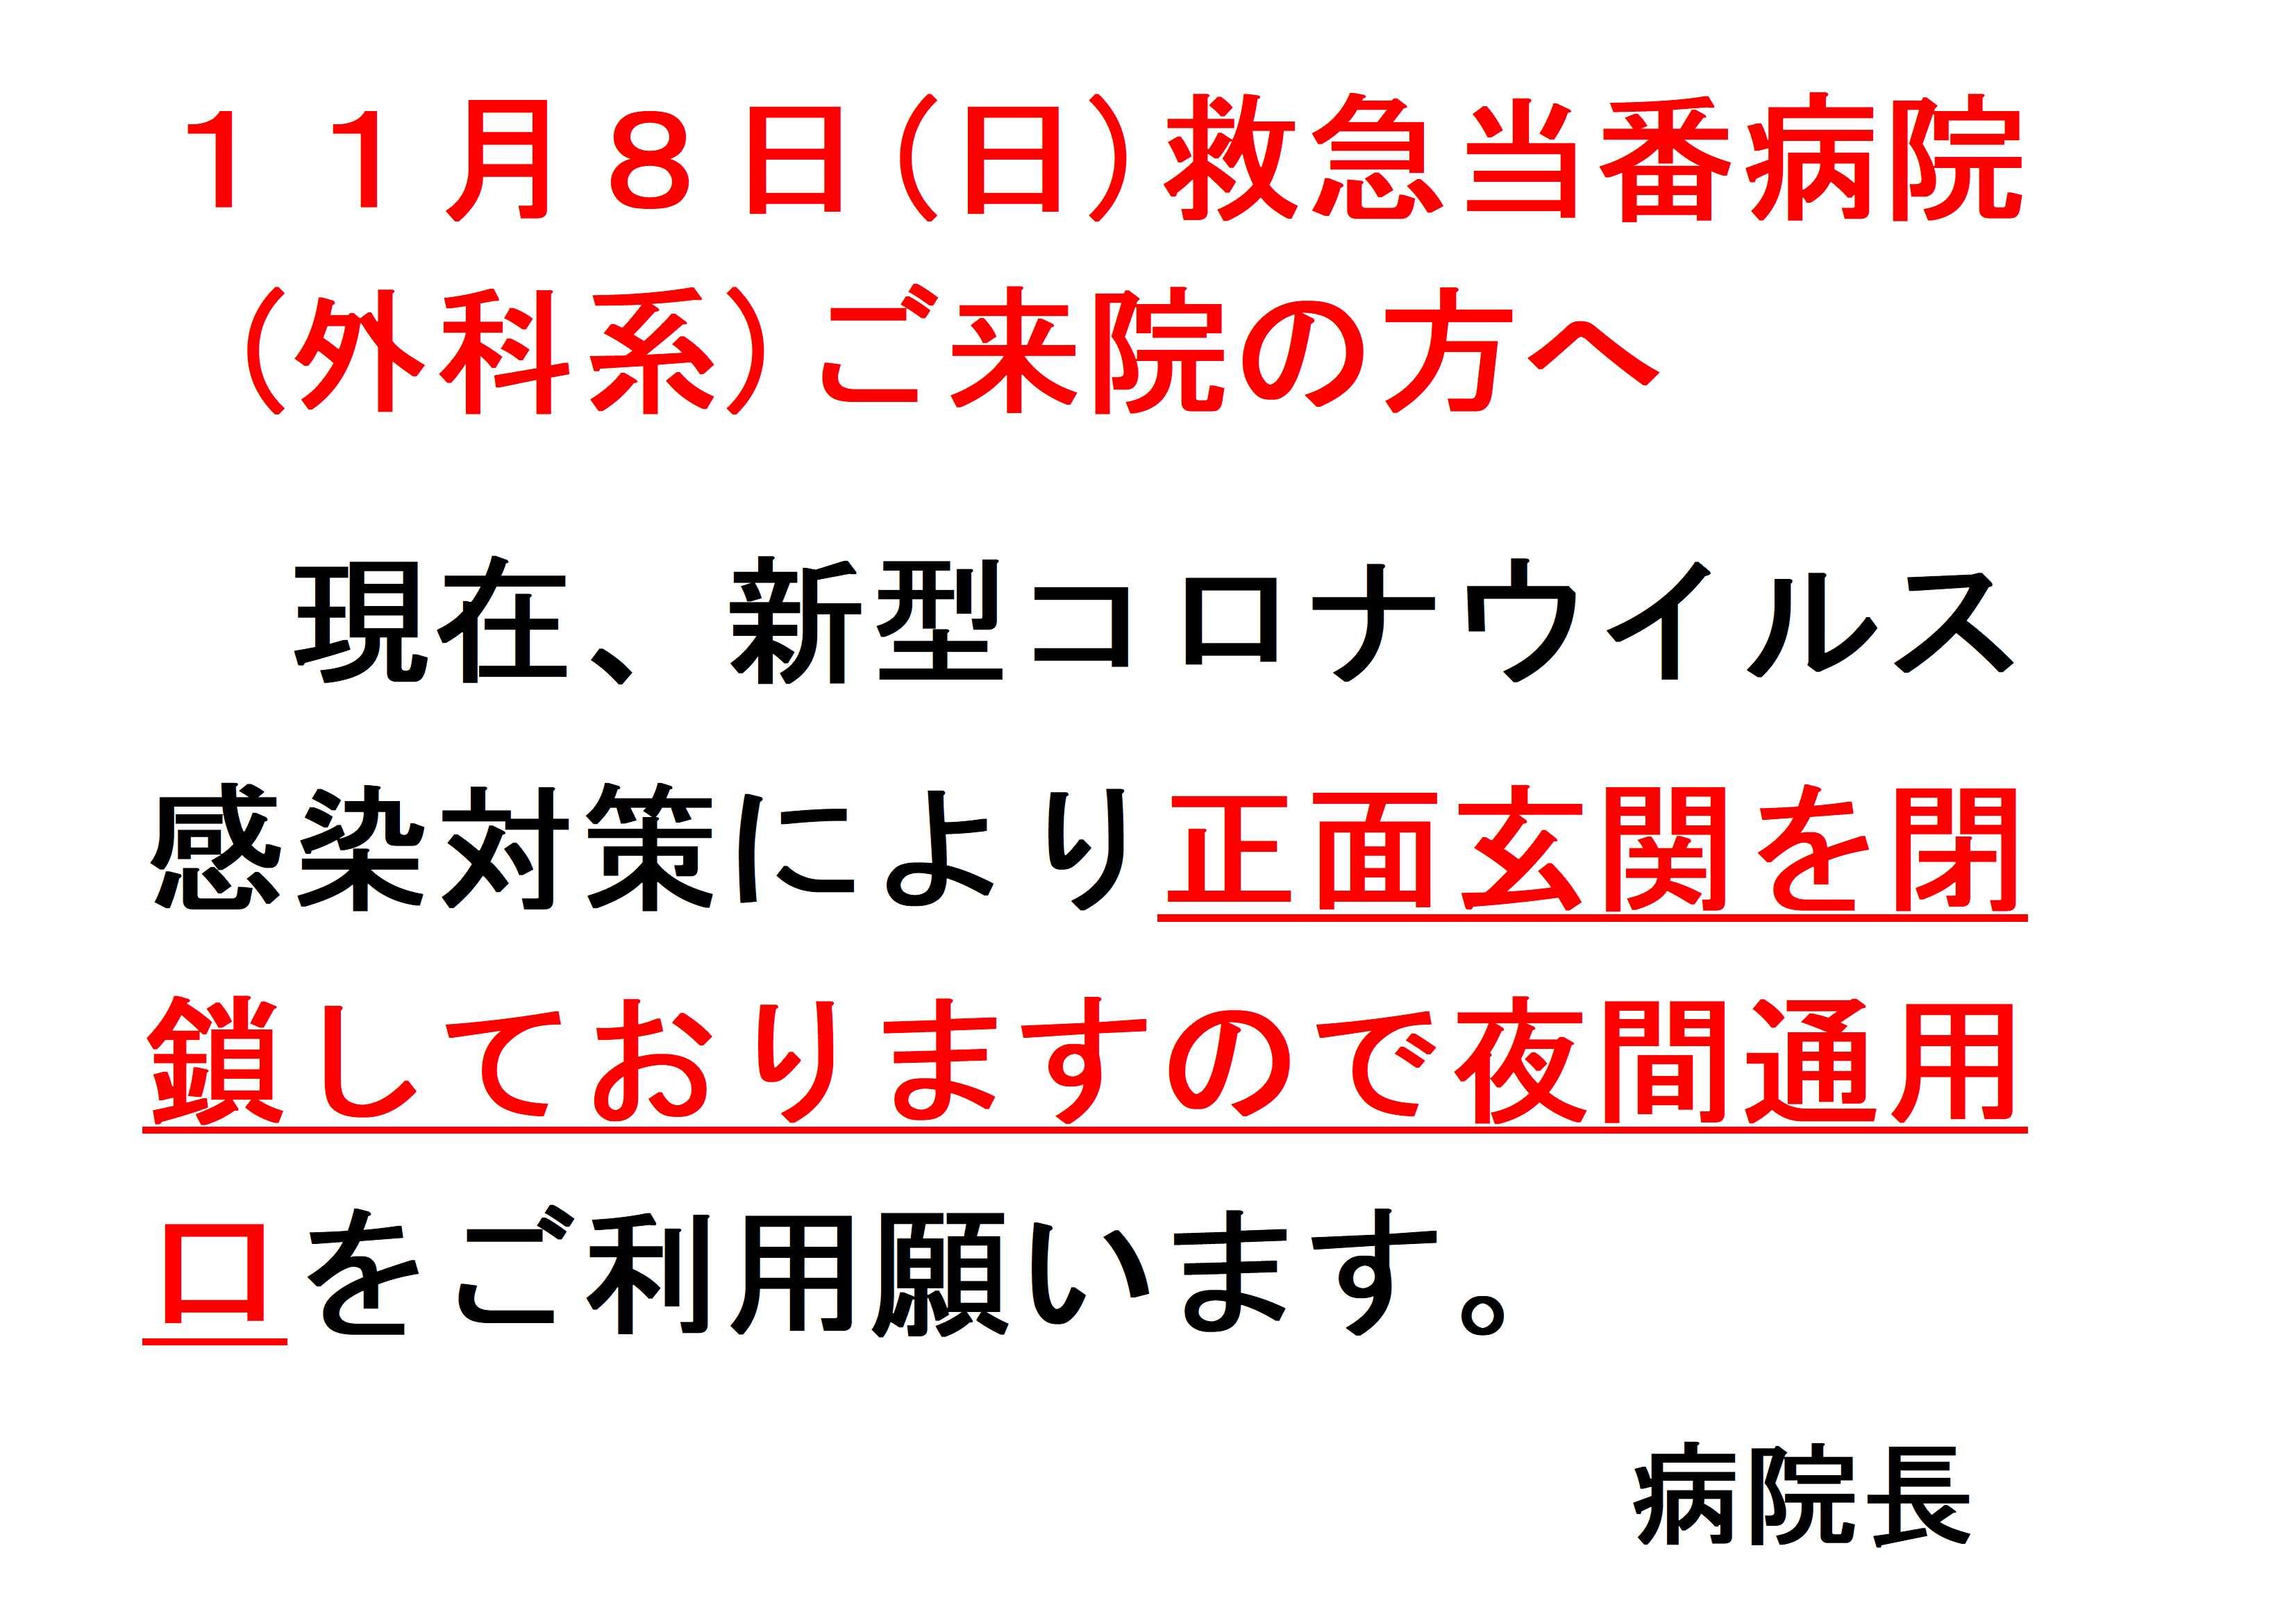 20.11.8救急当番病院-1.jpg